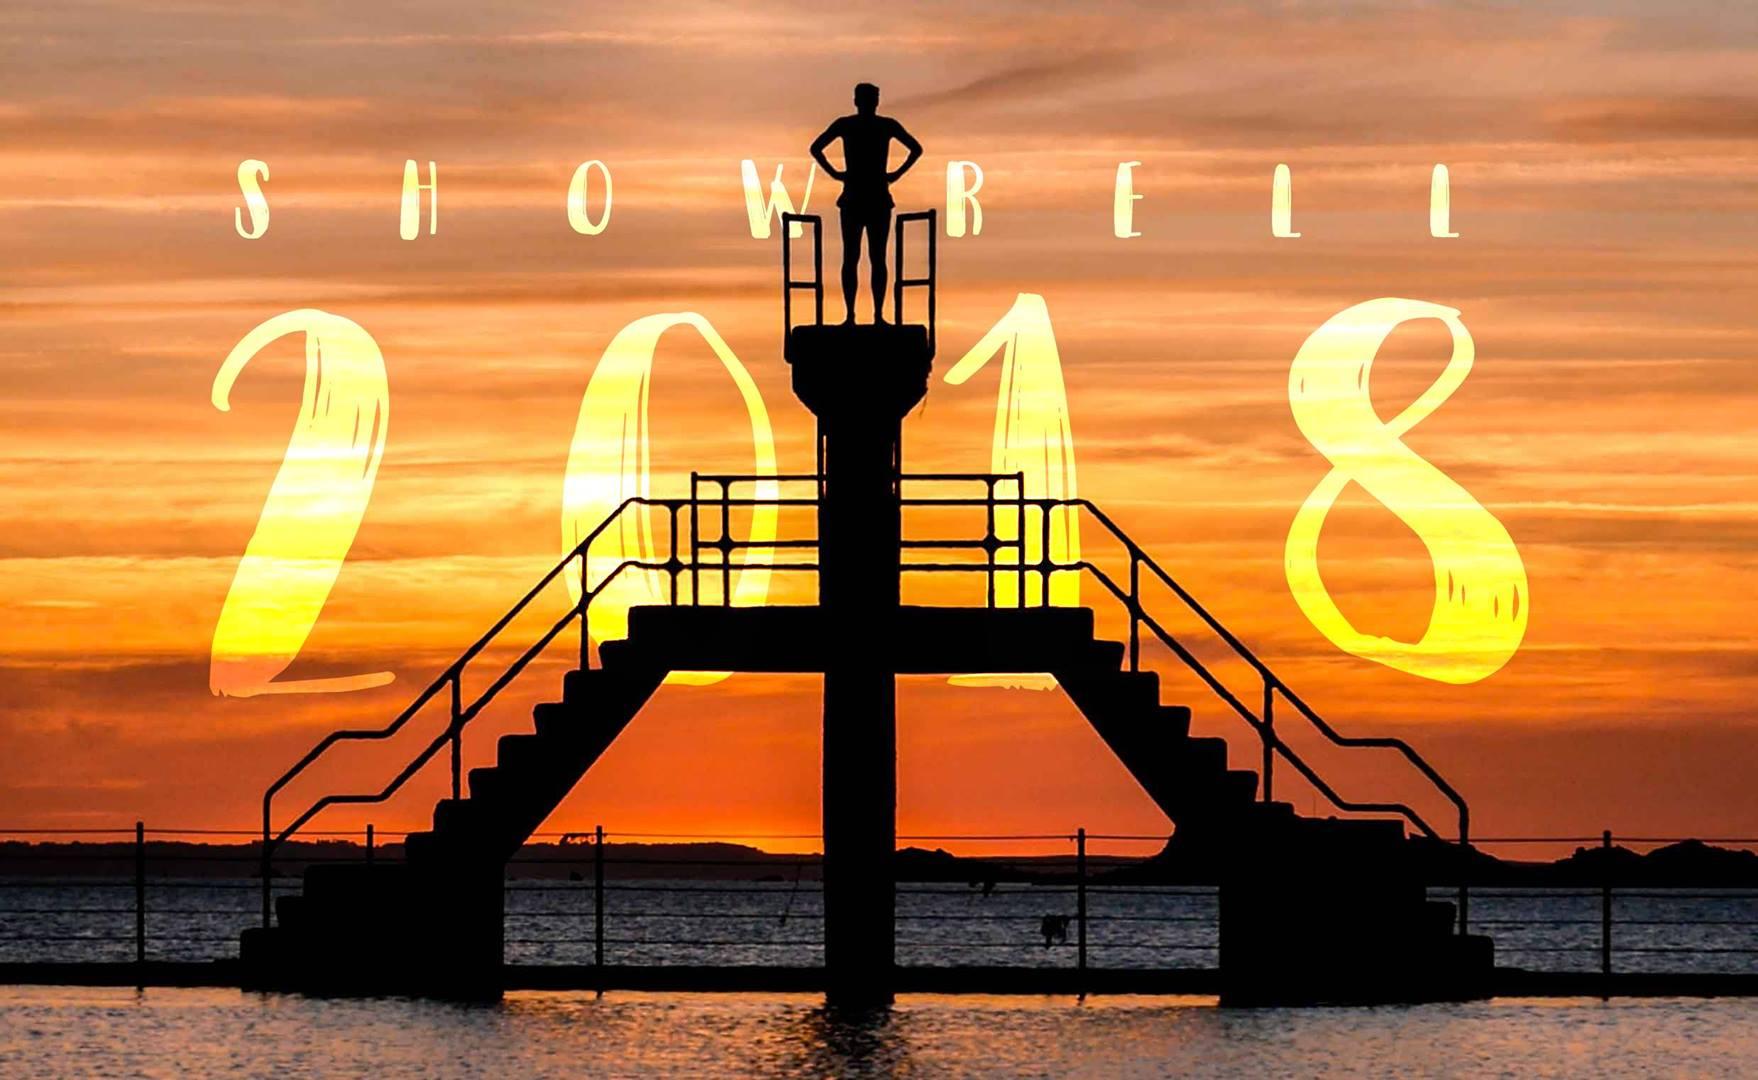 Showrell 2018